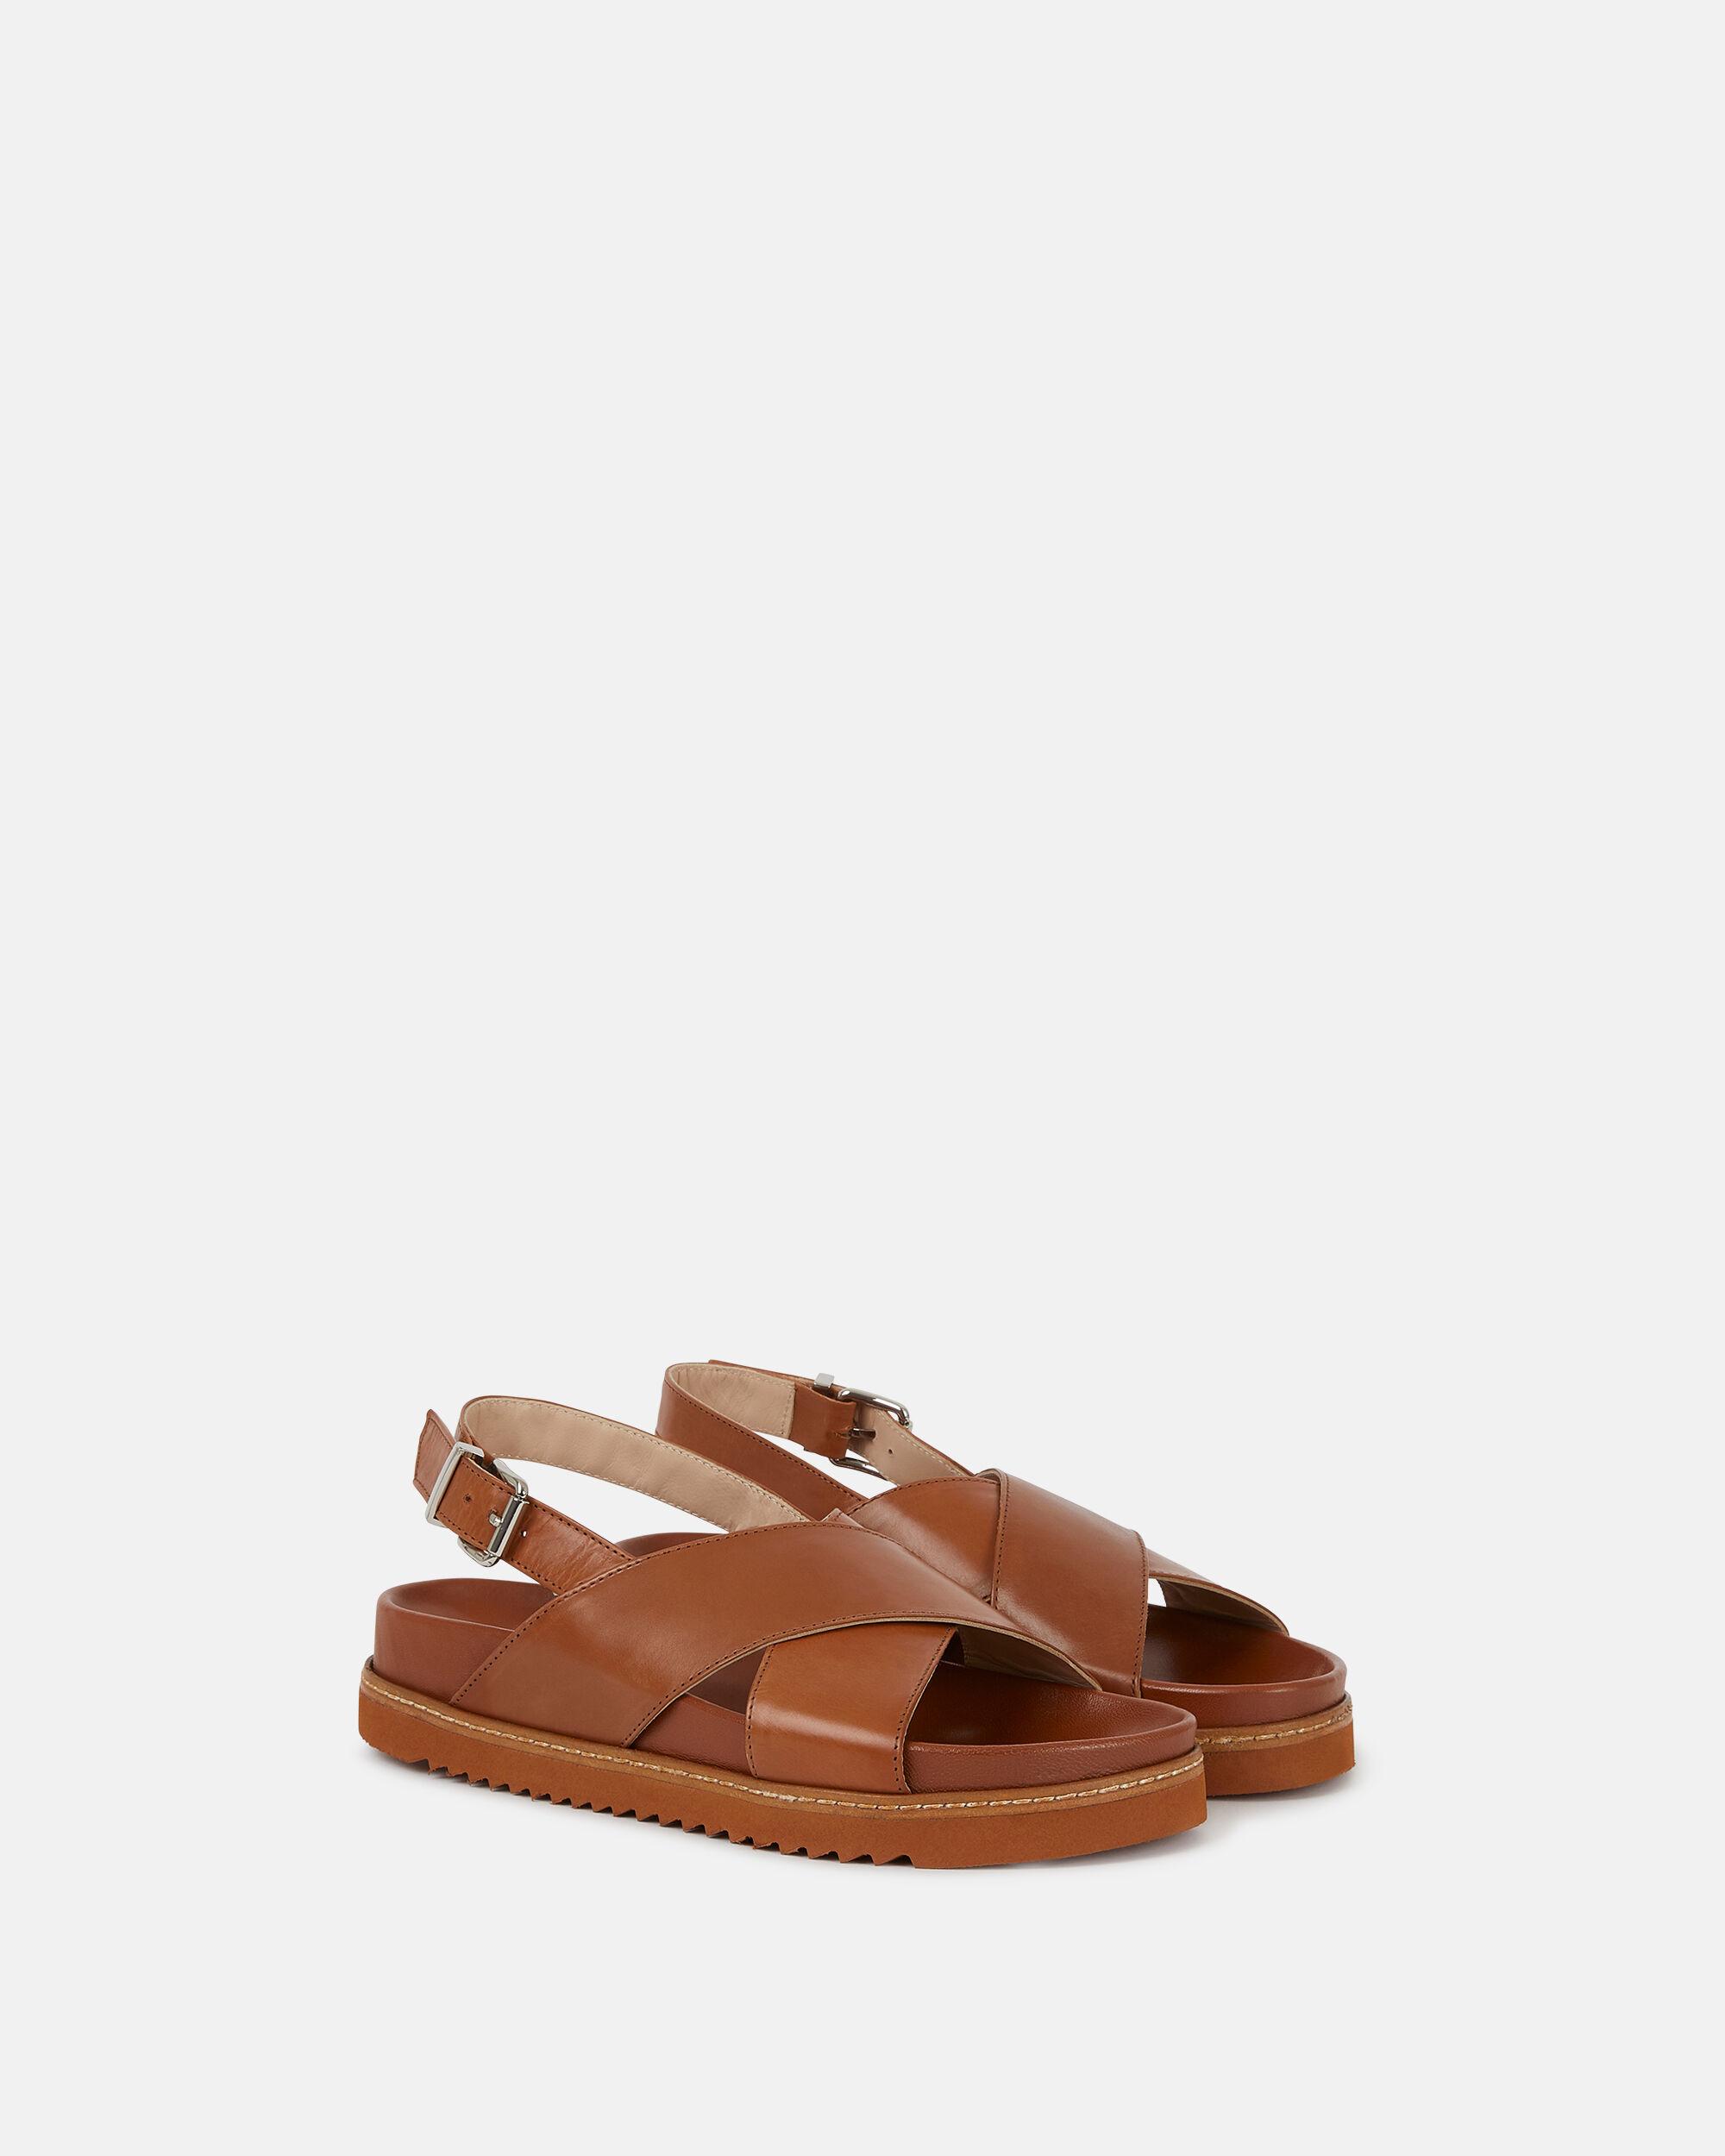 Sandale plate Norane marron Sandales plates CUIR VEAU